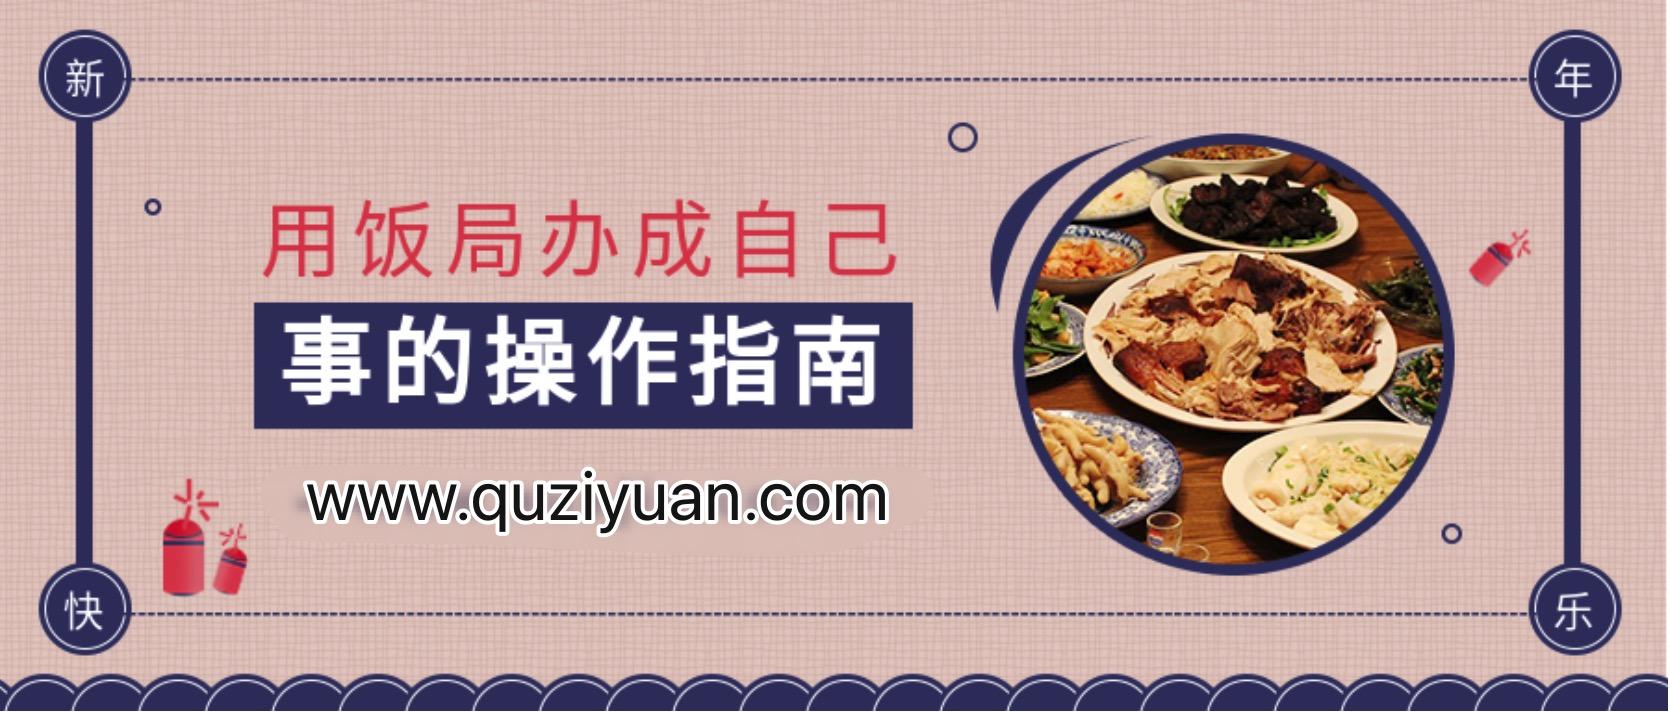 中国饭局社交全攻略